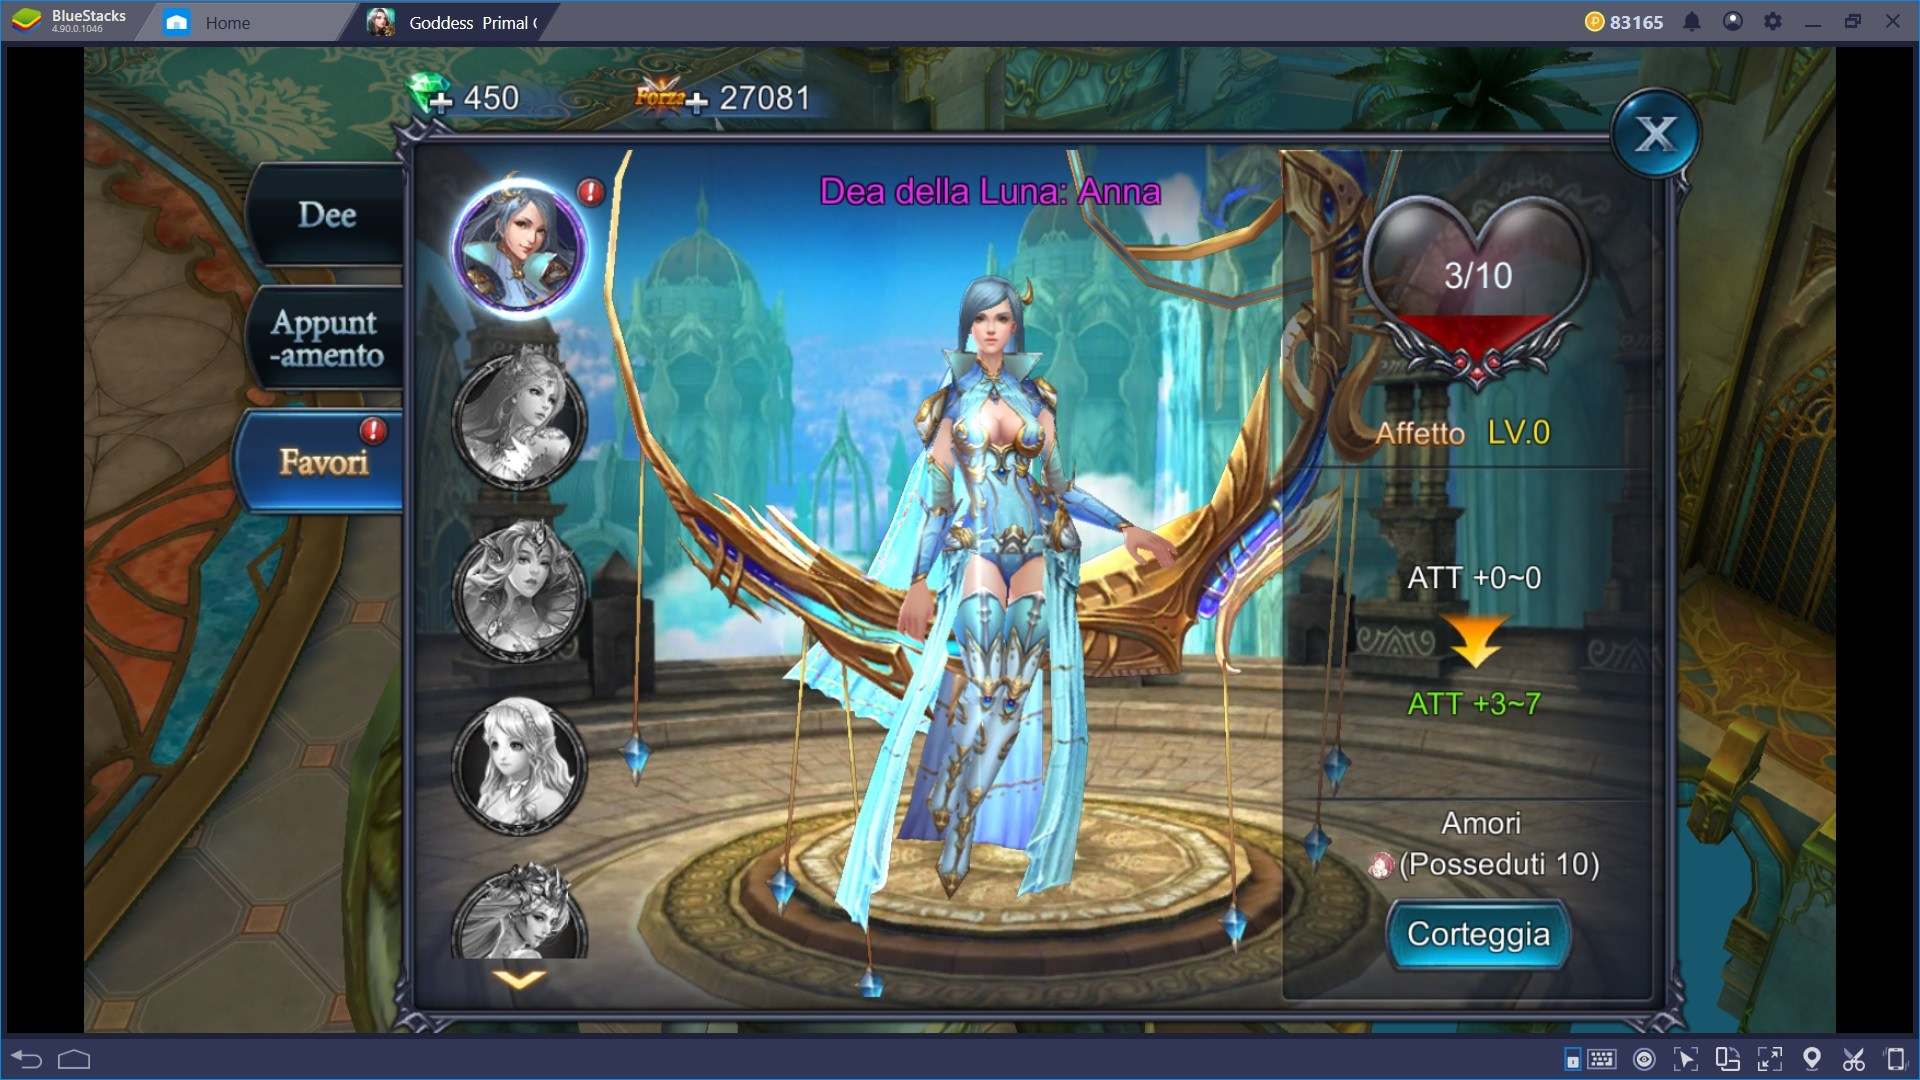 Introduzione per i nuovi giocatori di Goddess: Primal Chaos